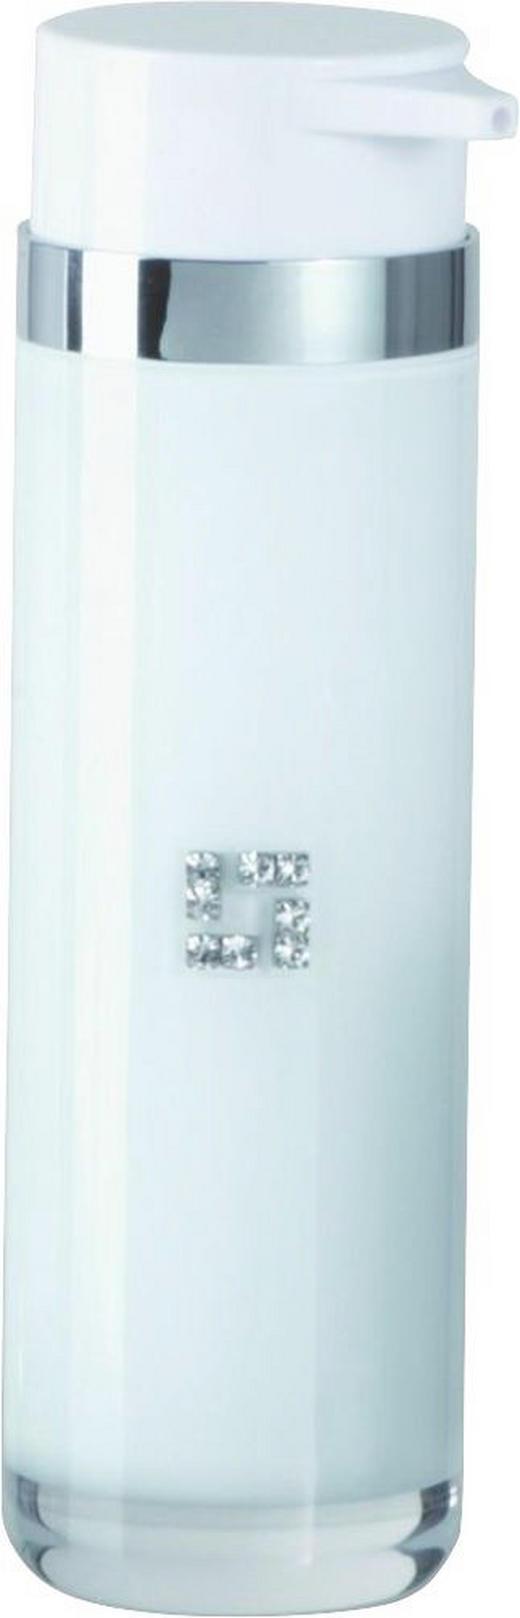 SEIFENSPENDER Weiß - Weiß, Basics, Kunststoff (5,5/18,5cm)